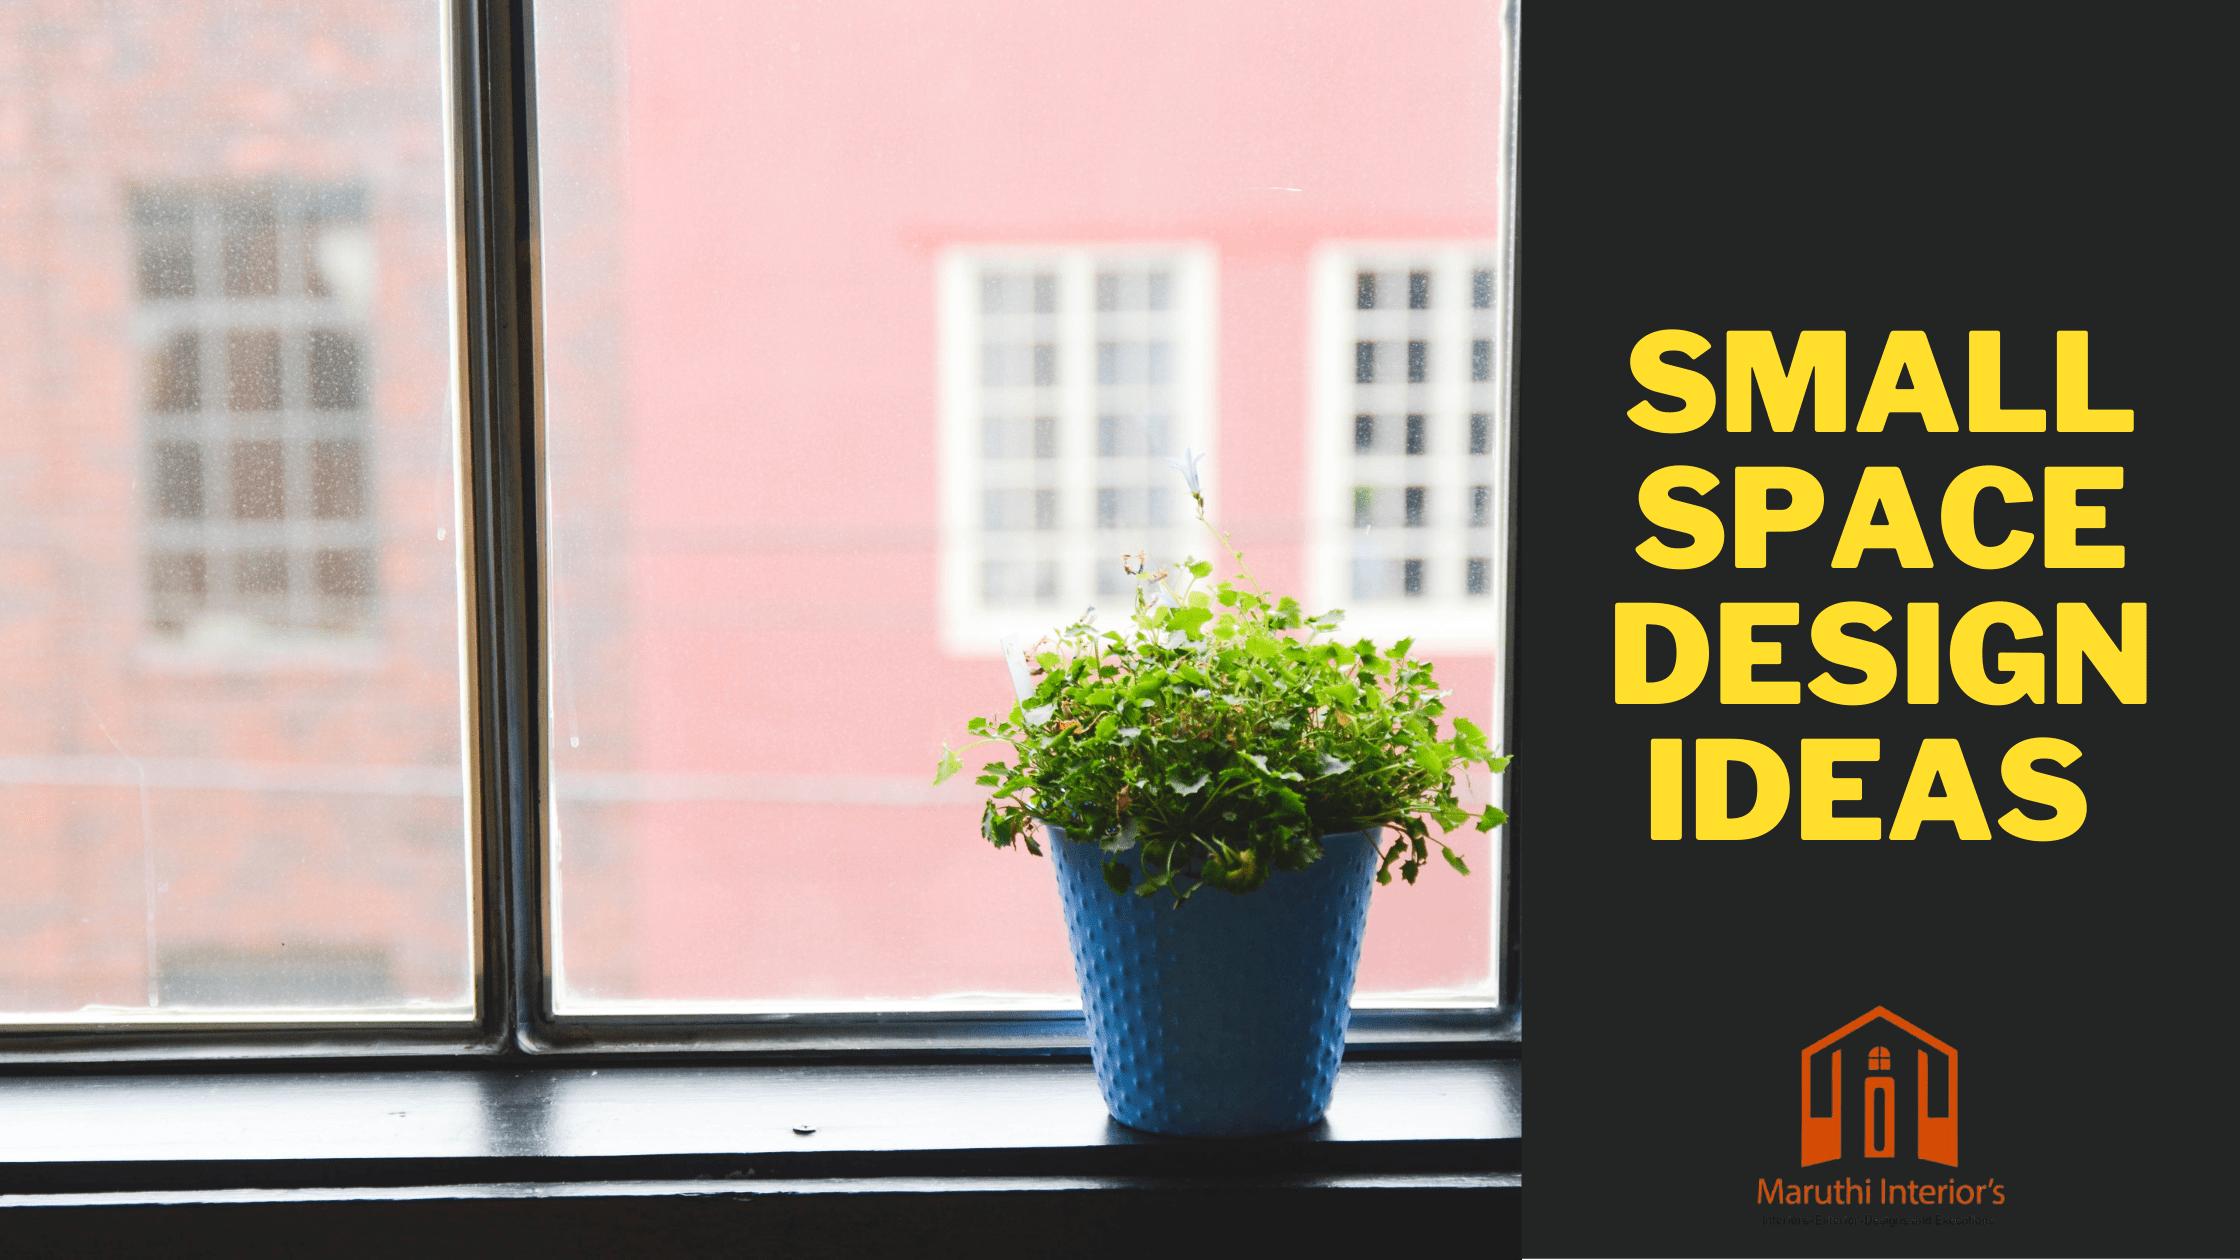 Small Space Design Ideas